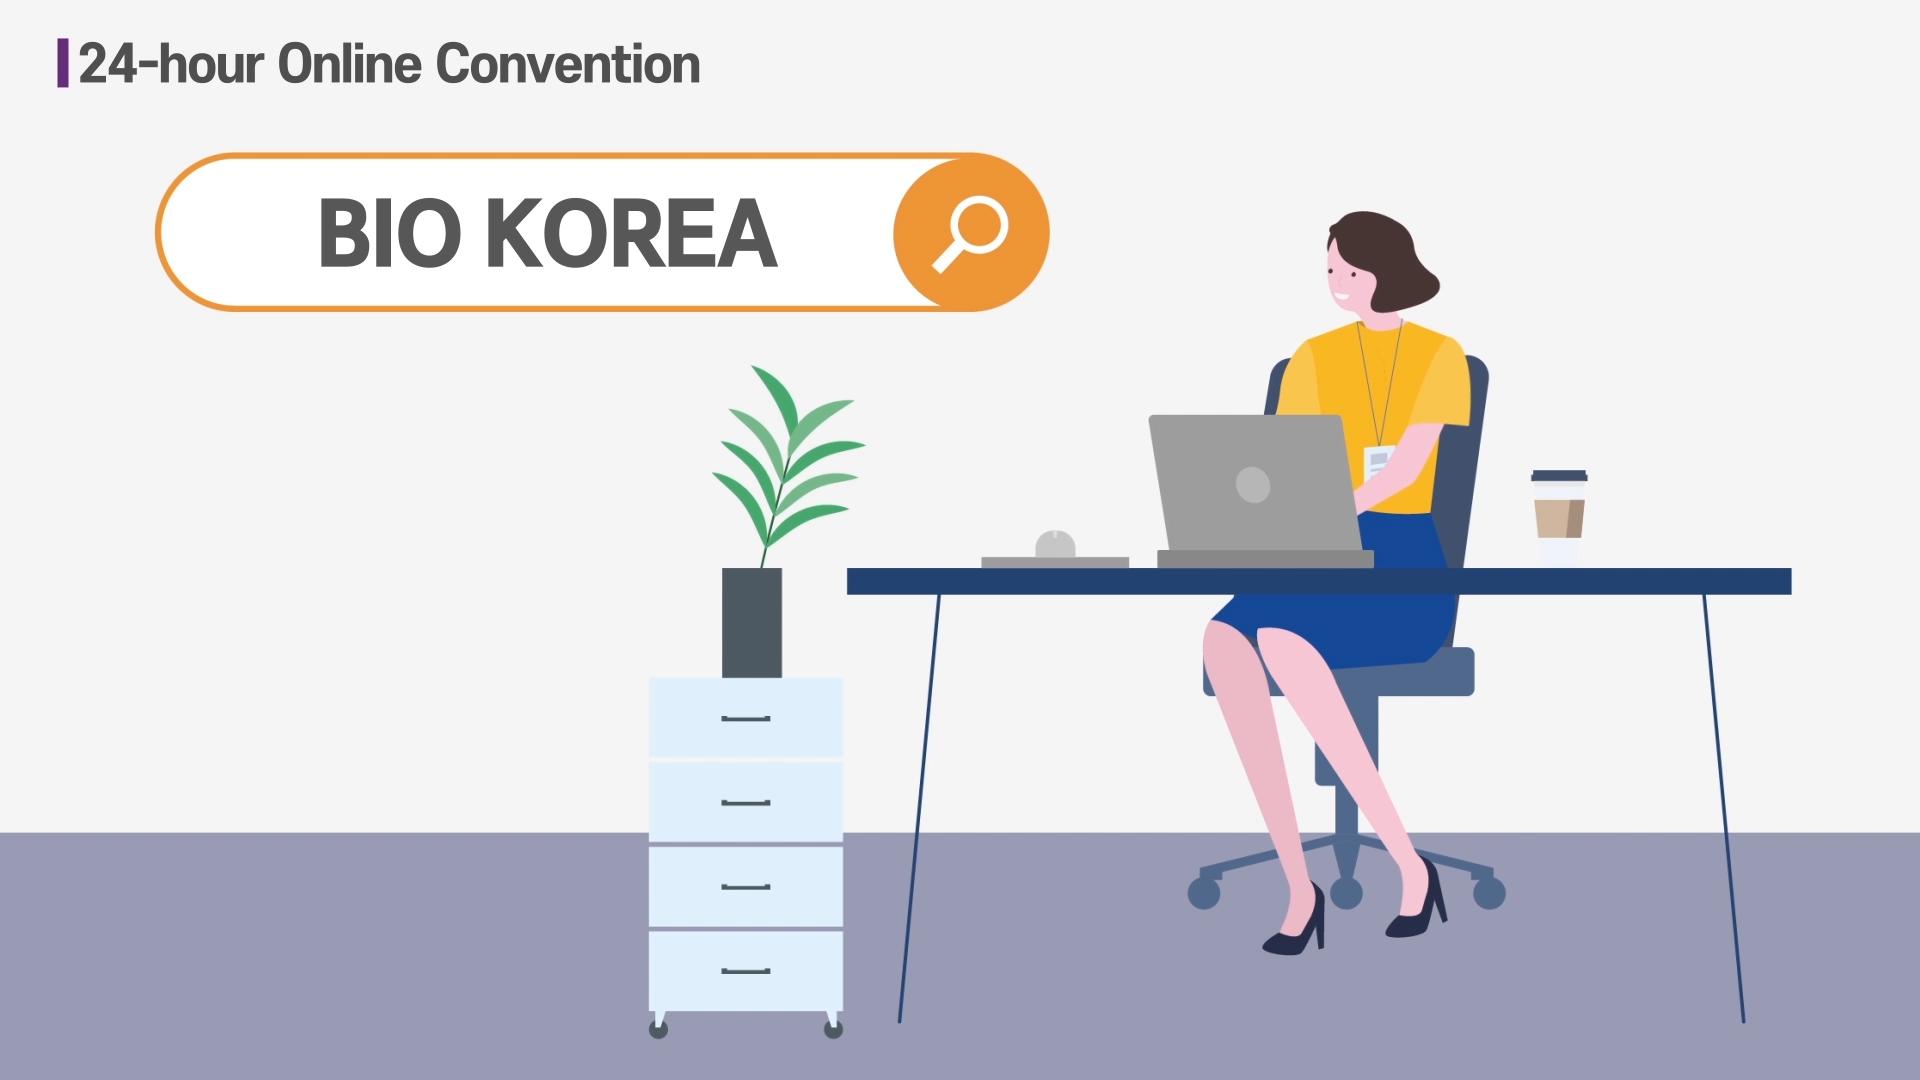 La Convention internationale BIO KOREA 2021 se tient en ligne du 9 au 21 juin 2021 avec un salon sur place au COEX de Séoul, du 9 au 11 juin. Sous le thème principal « Nouvelle normalité : briser les barrières grâce à la bio-innovation », BIO KOREA 2021 comprend cinq programmes principaux sous forme de conférence, forum d'affaires (partenariat et présentation d'entreprises), expositions, salon de l'investissement et salon de l'emploi. Elle connectera les entreprises et les professionnels à la recherche de nouvelles opportunités commerciales, améliorant ainsi la capacité de réseautage mondial. En particulier, les entreprises pharmaceutiques et médicales innovantes coréennes, les start-ups des secteurs de la santé numérique et de la biotechnologie, et les entreprises liées à K-Quarantine seront disponibles pour se rencontrer à BIO KOREA 2021.